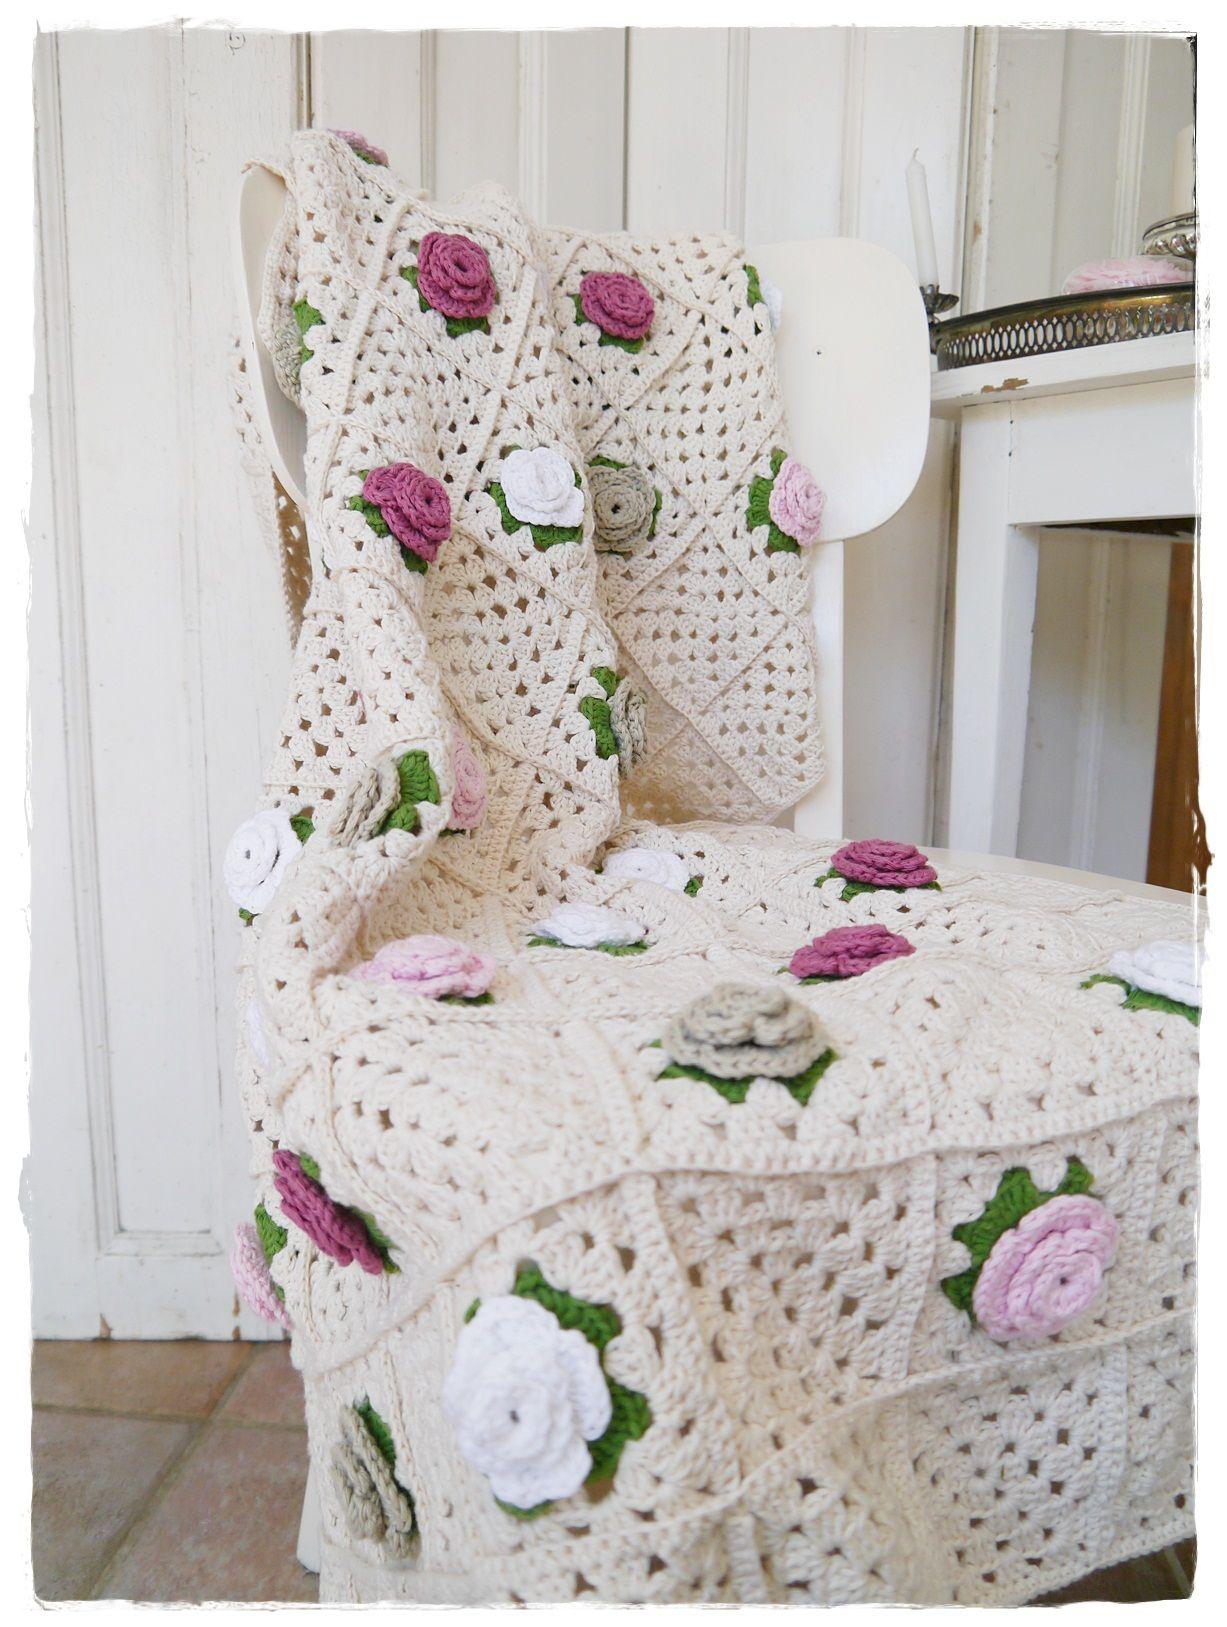 Kameliendecke Crochet Pinterest Häkeln Decke Häkeln And